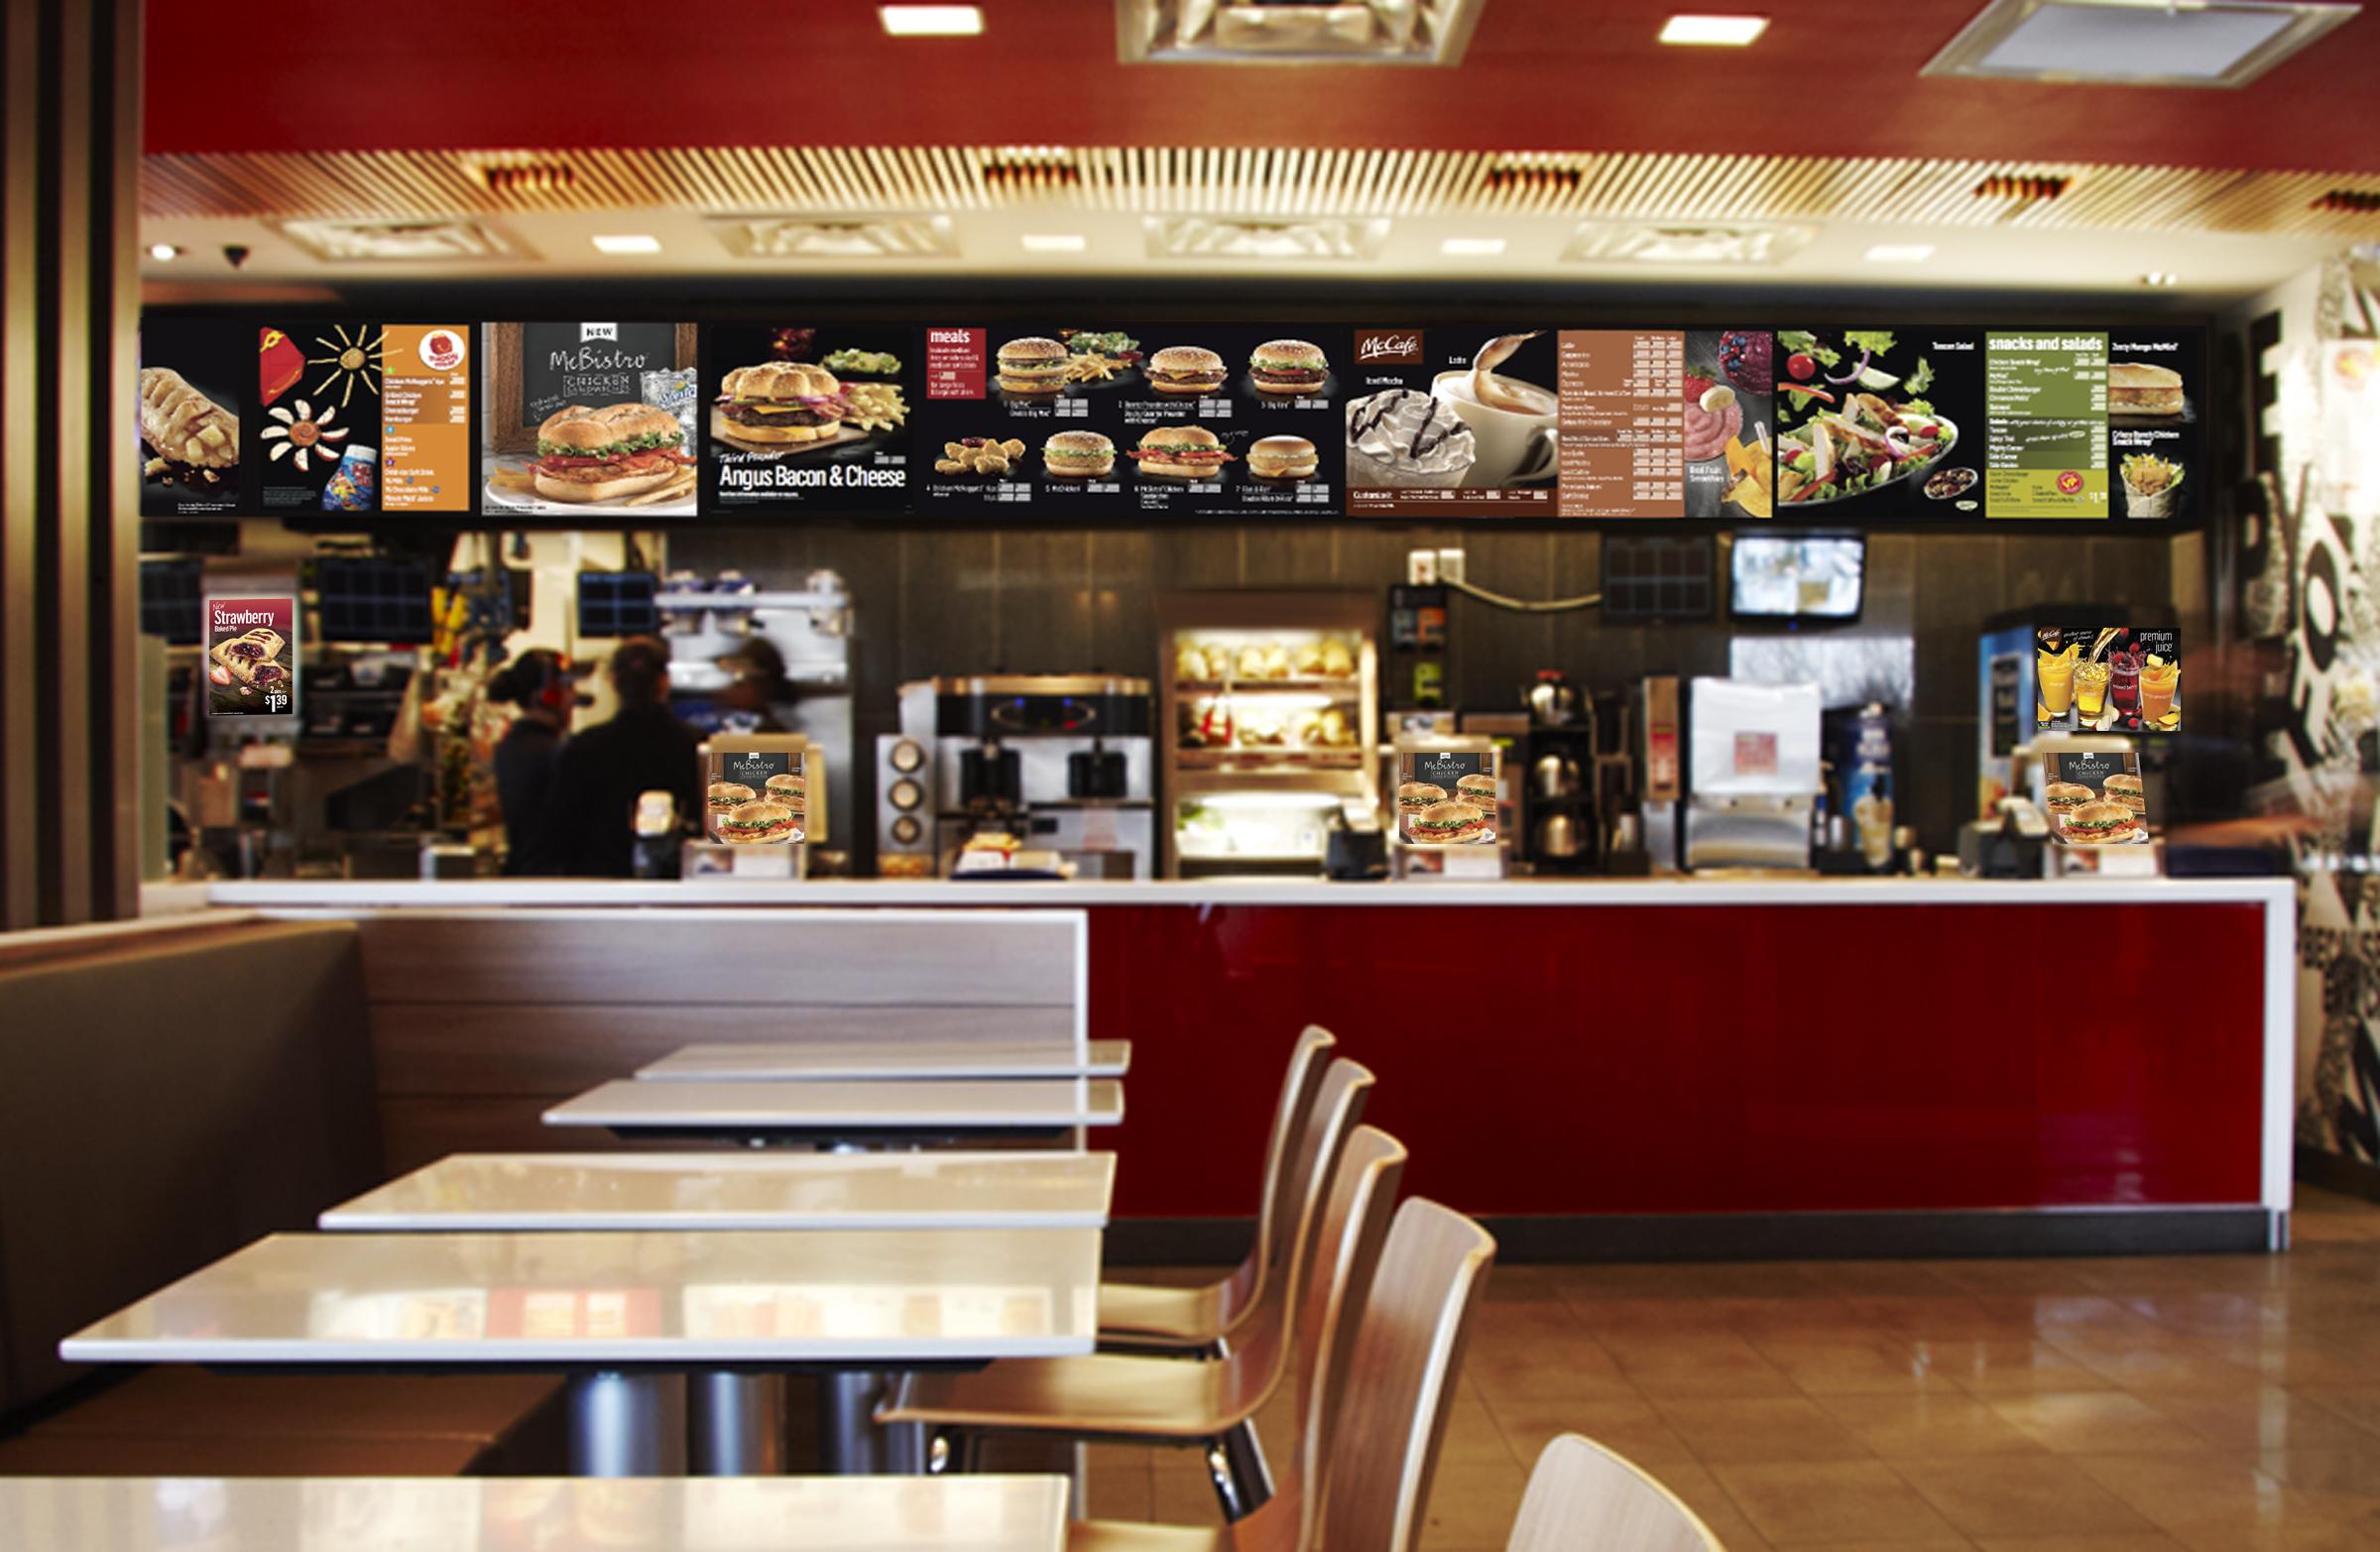 Señalización digital informativa en restaurantes